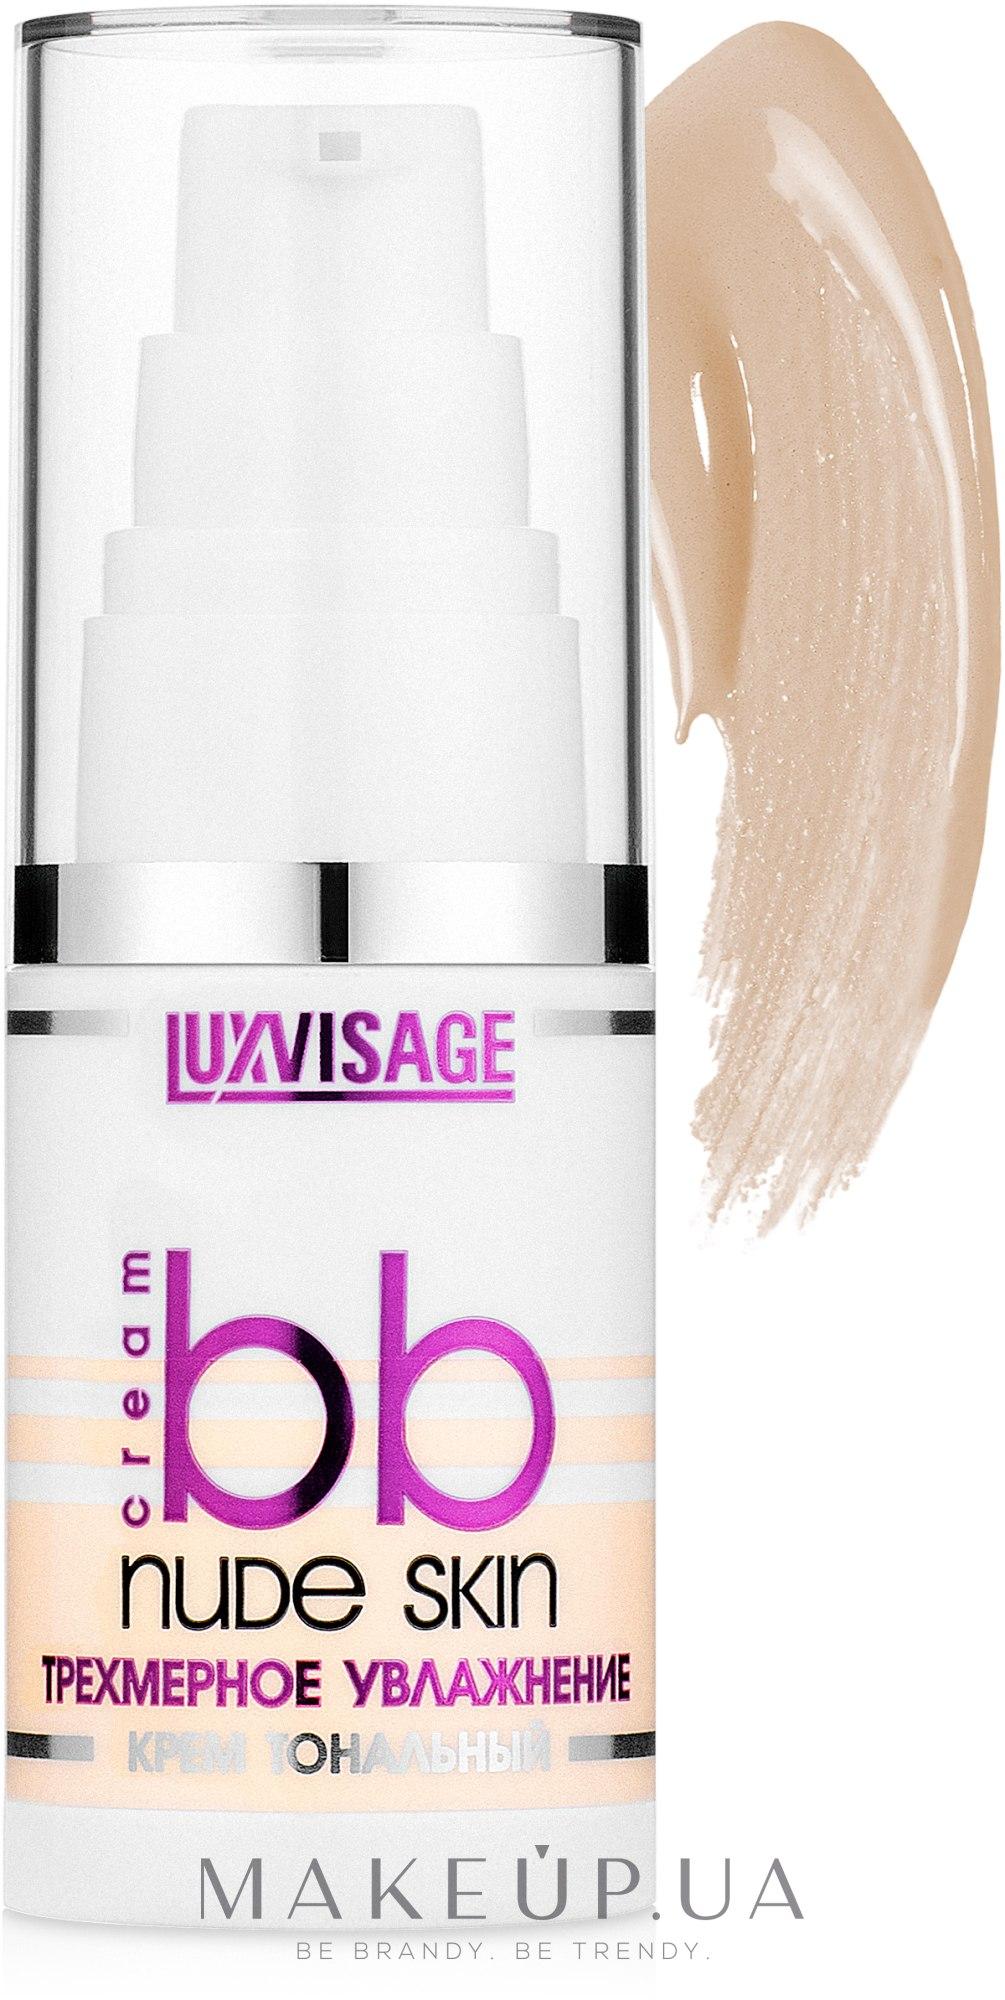 """Тональный крем """"Трехмерное увлажнение"""" - Luxvisage Nude Skin BB Cream — фото 1 - Ivory"""